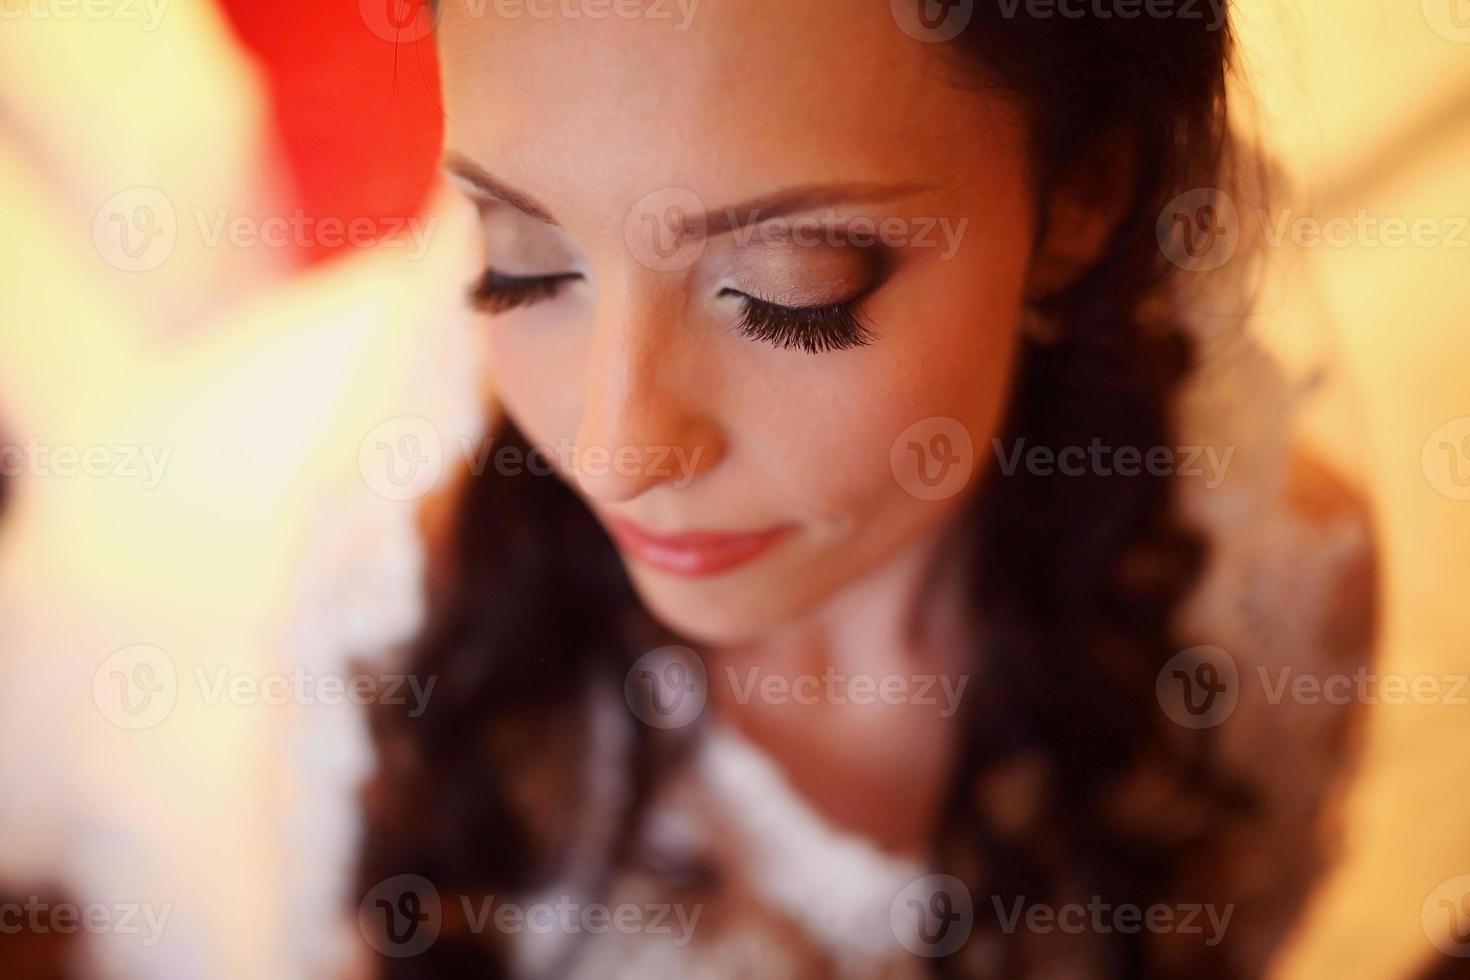 linda noiva no dia do casamento se preparando foto